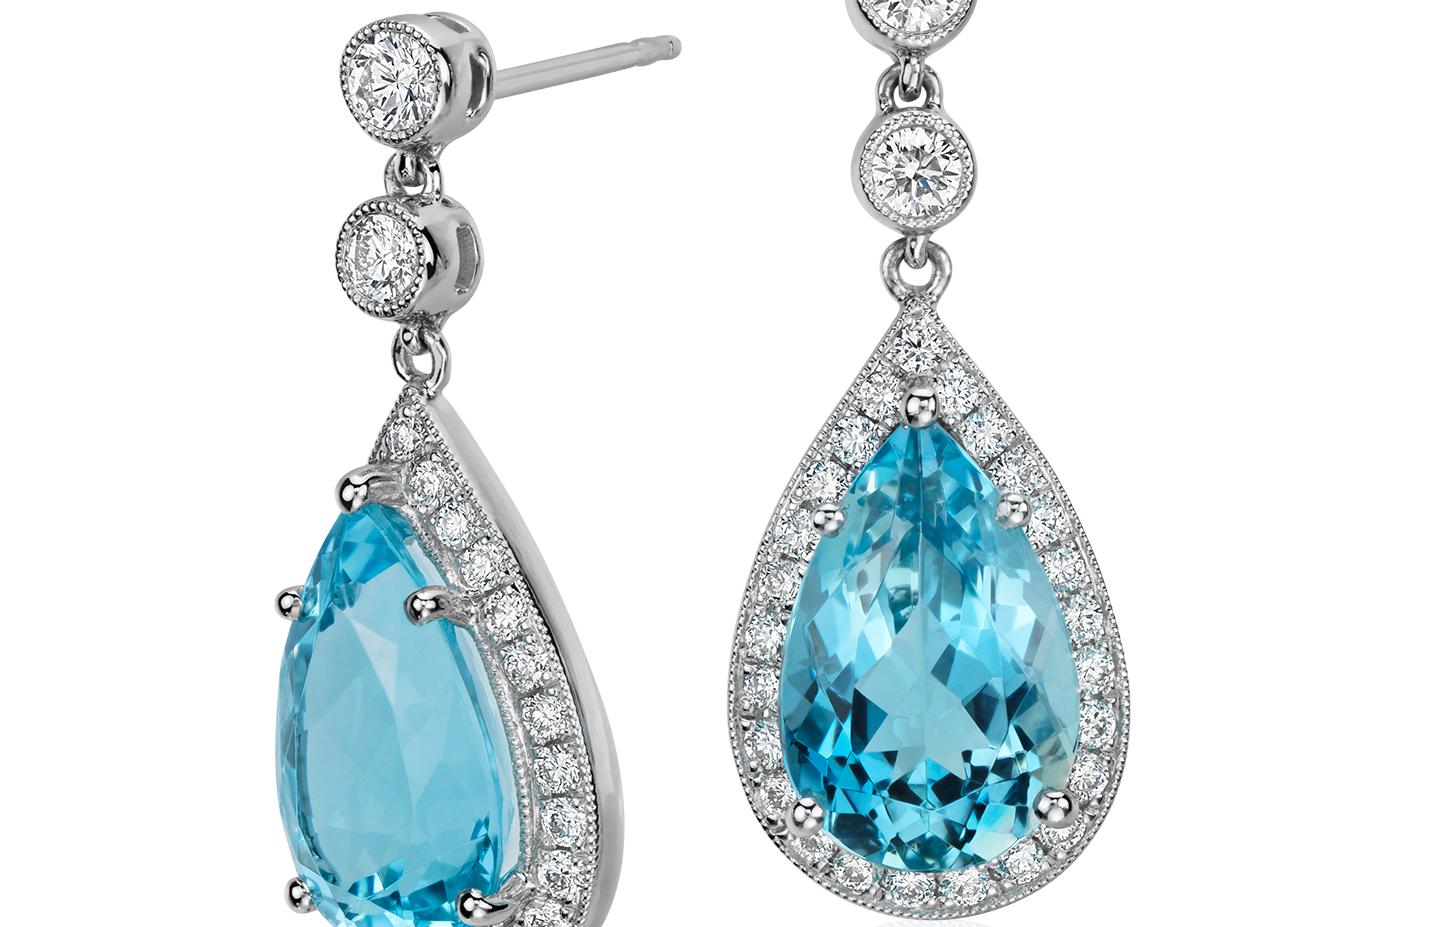 Boucles d'oreilles diamant Halo saphir et aigue-marine taille poire en or blanc 18carats (12x8mm)